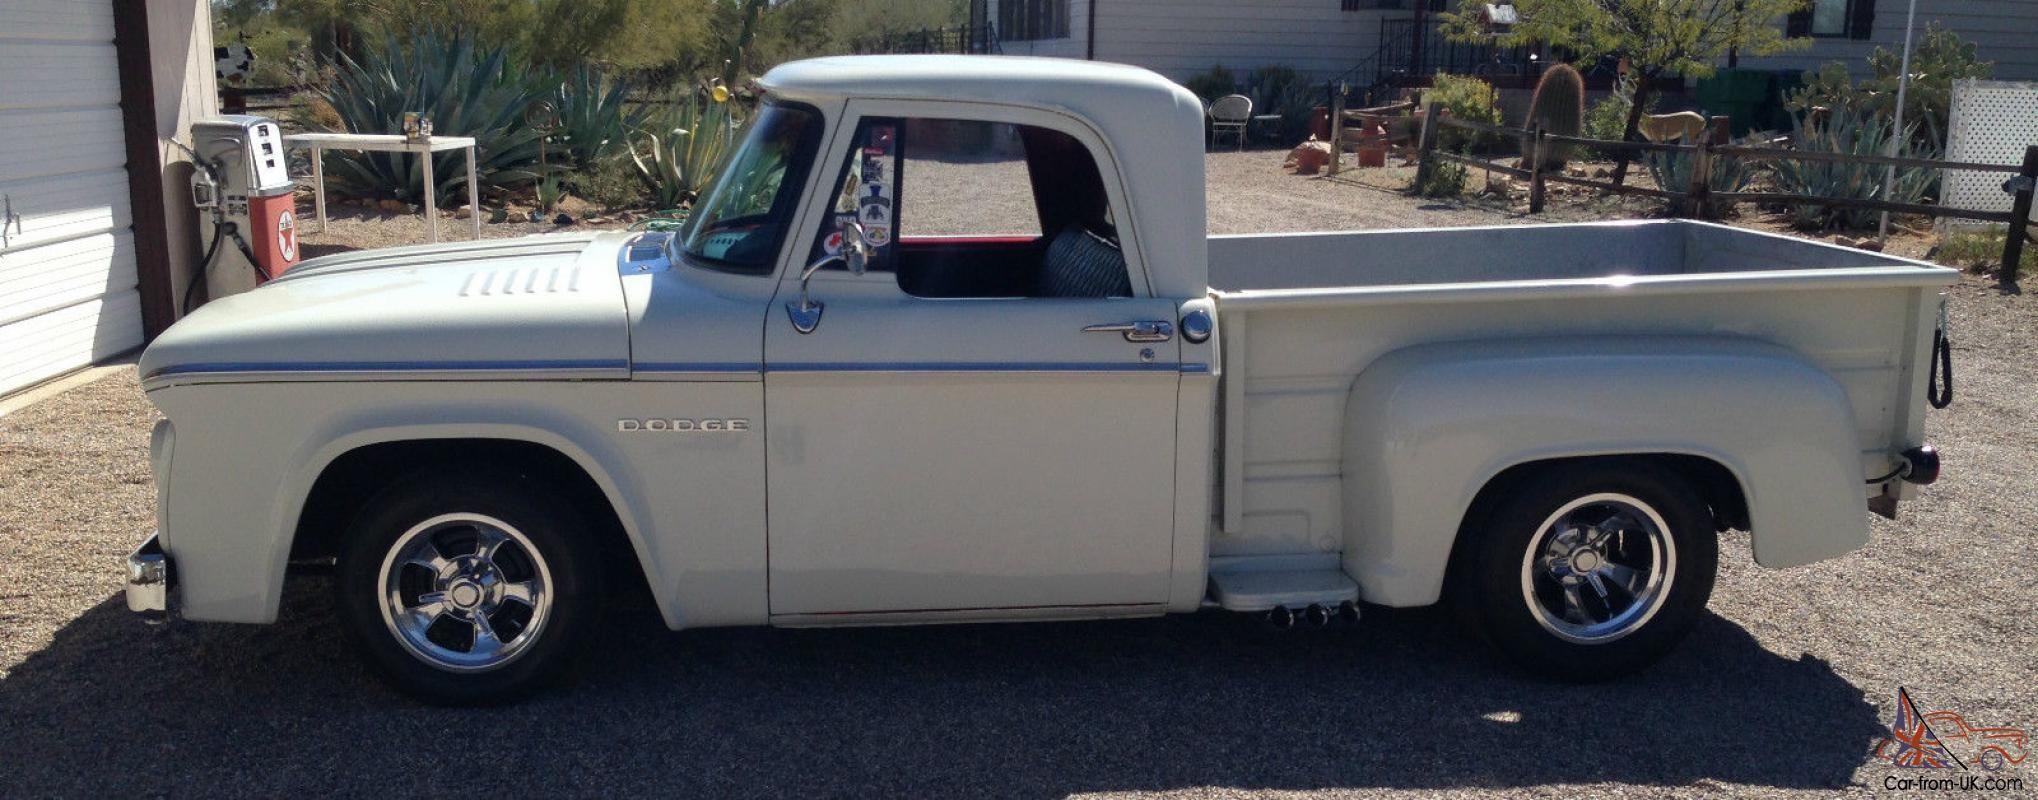 1966 dodge d 100 short bed stepside pickup truck for sale dodge1 1966 dodge d 100 short bed stepside pickup truck for sale publicscrutiny Images